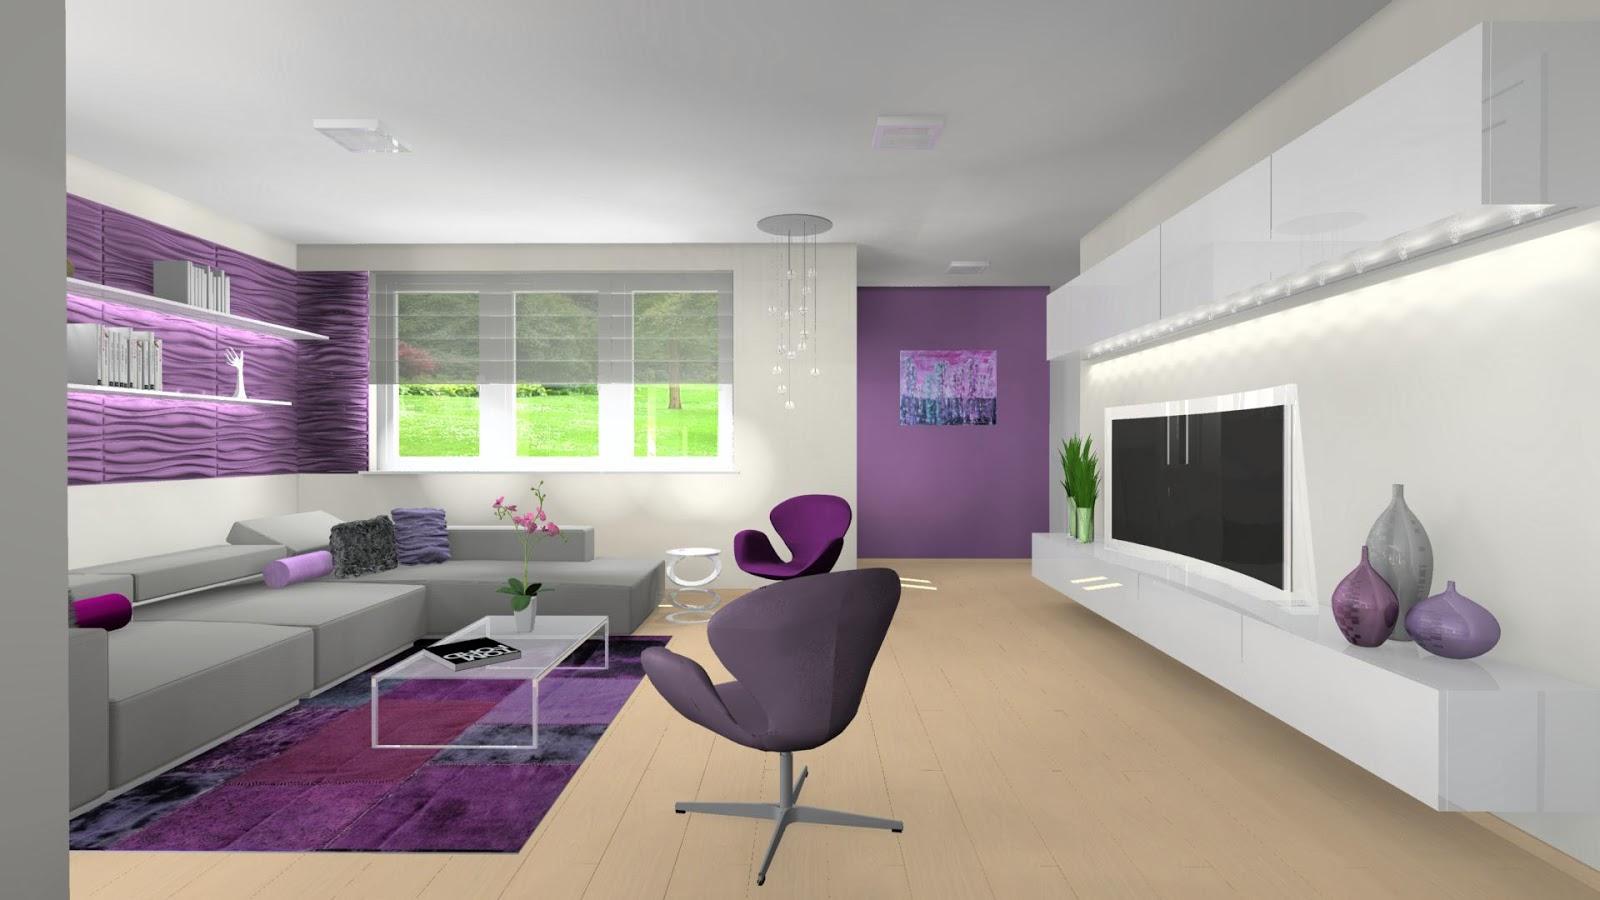 Otthon és Dekor: Egy modern lakás lilában: nappali, étkező, konyha látványtervek